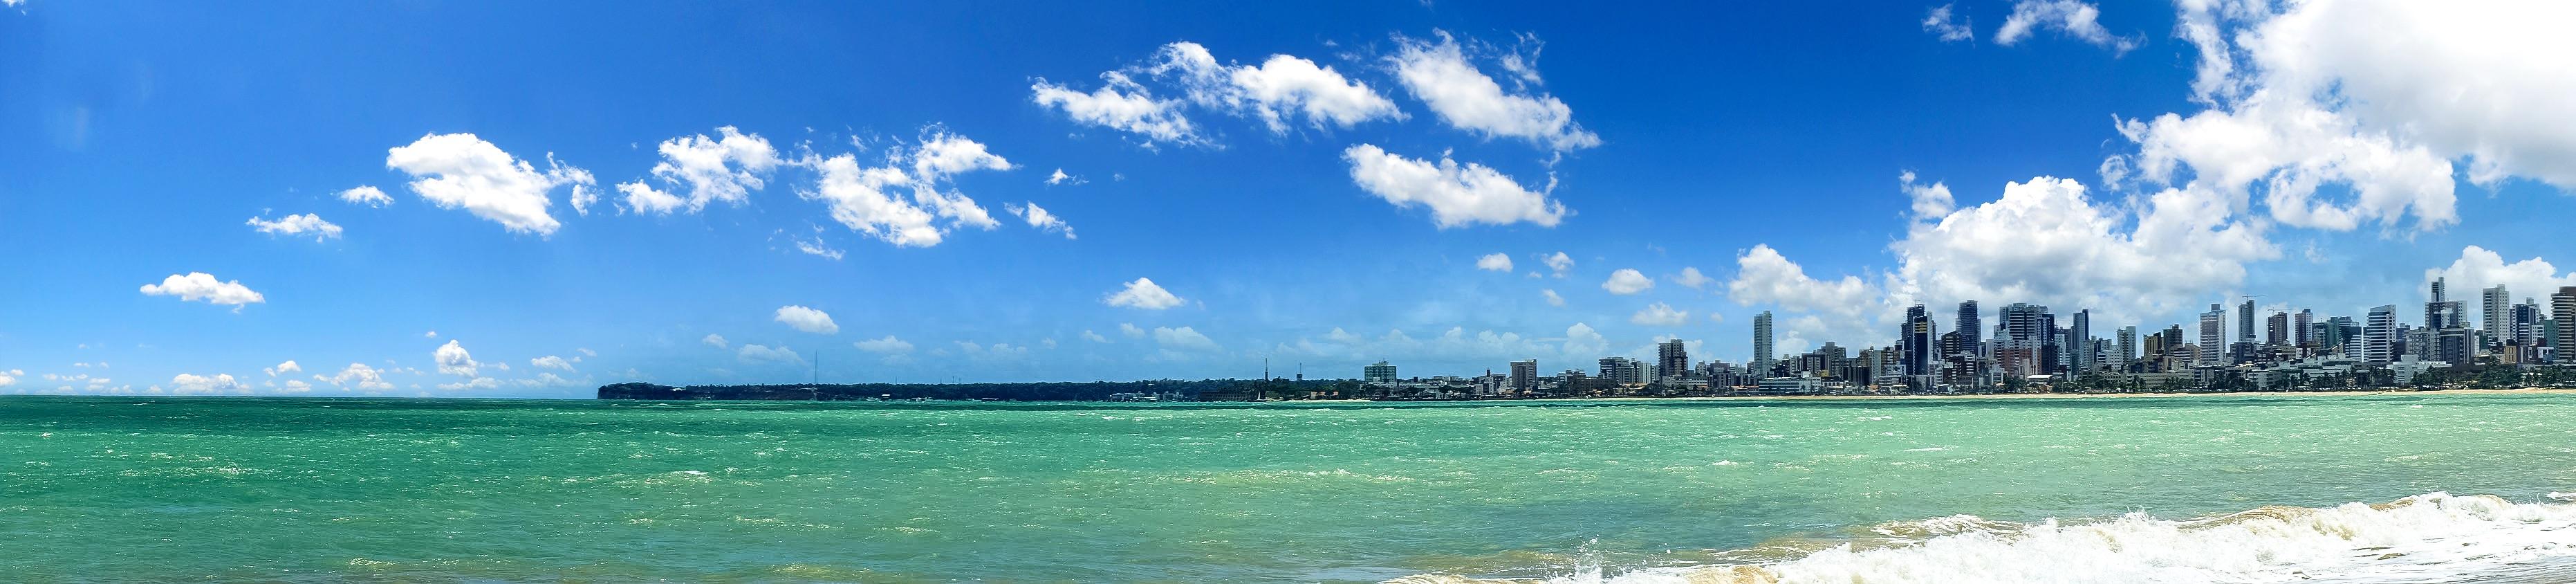 втором панорамное фото океан высокое разрешение приеду